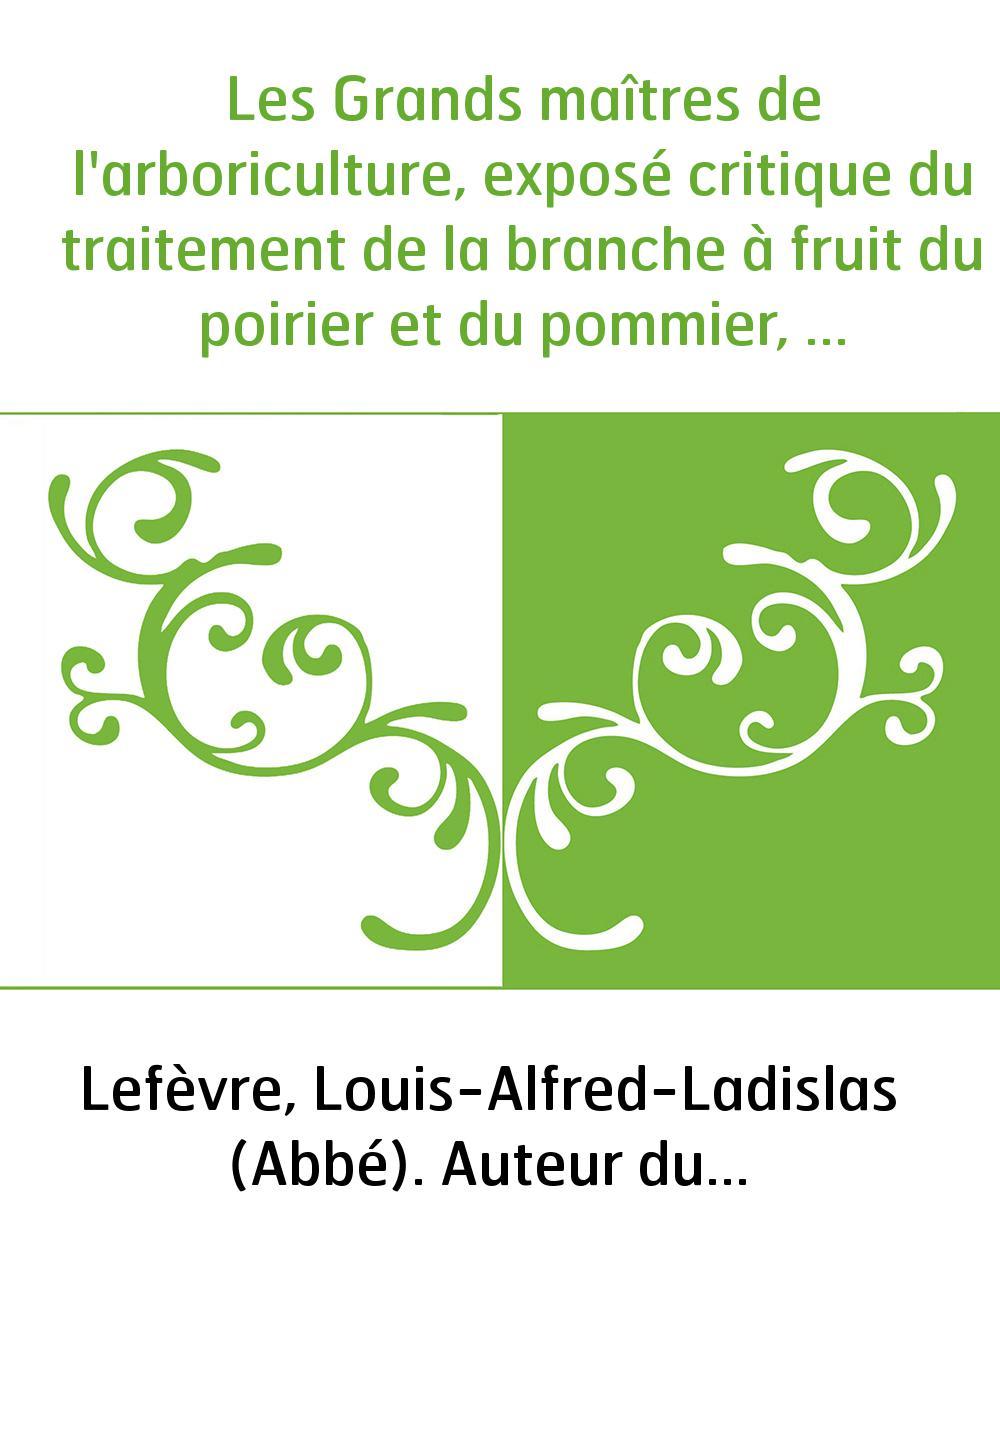 Les Grands maîtres de l'arboriculture, exposé critique du traitement de la branche à fruit du poirier et du pommier, d'après les